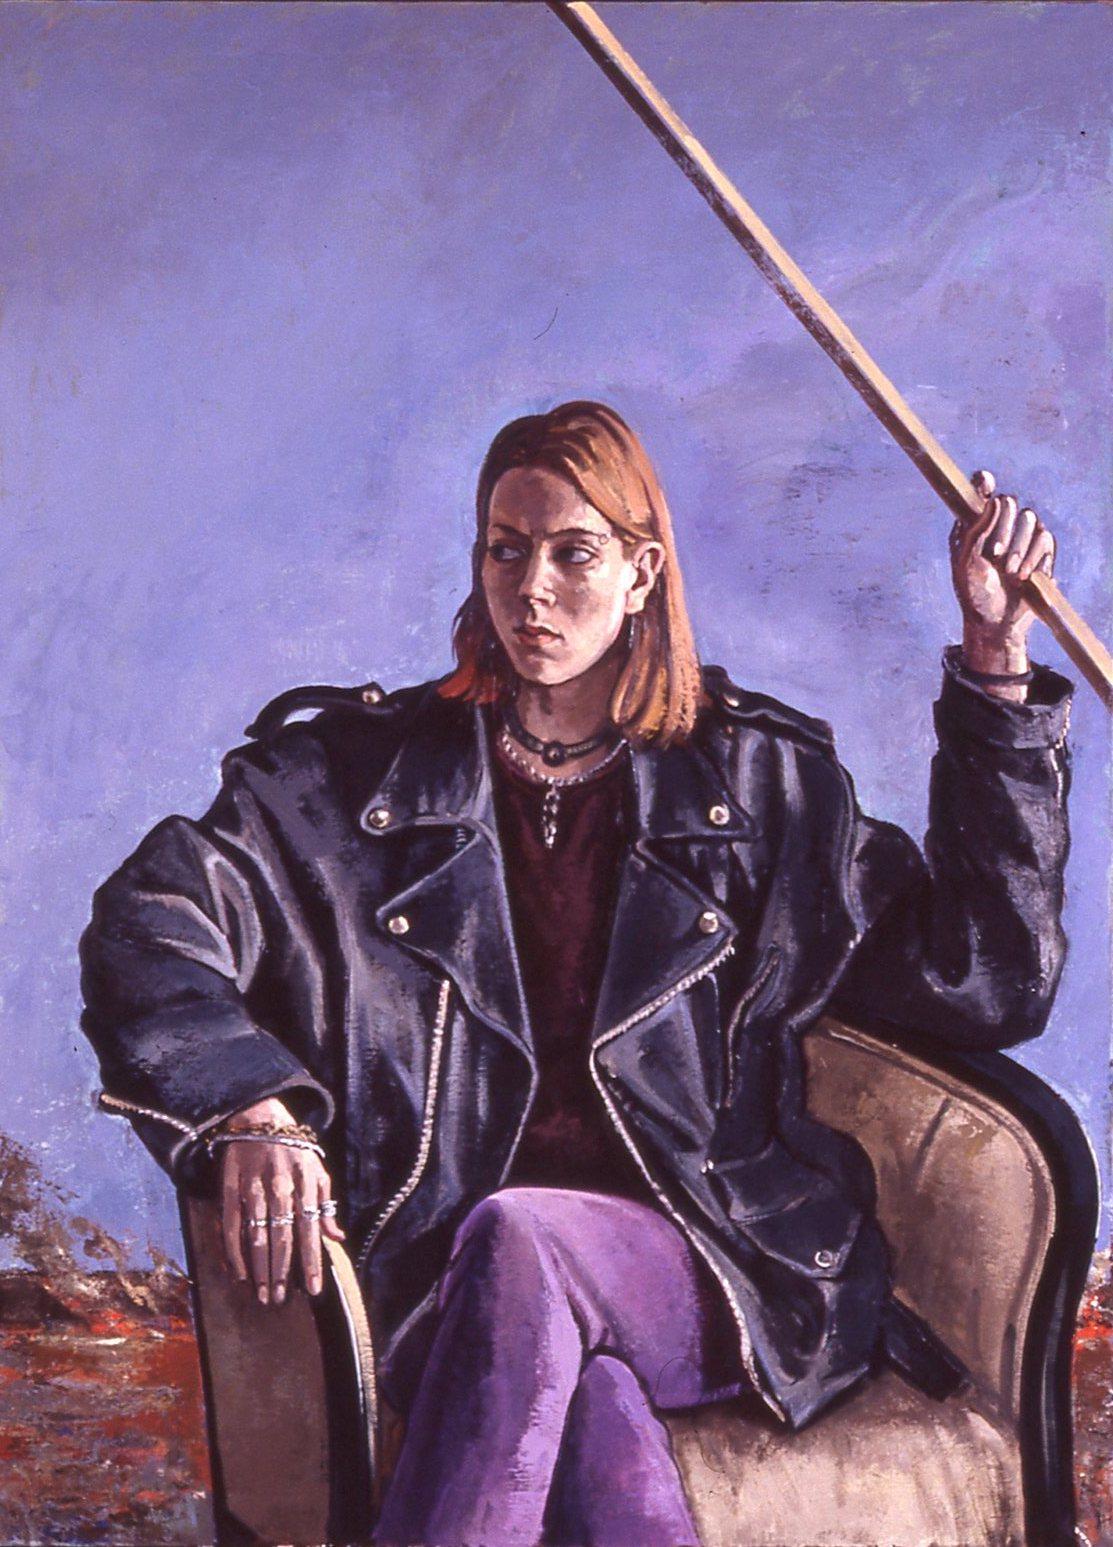 Athena; St. Mary's. 1990s.